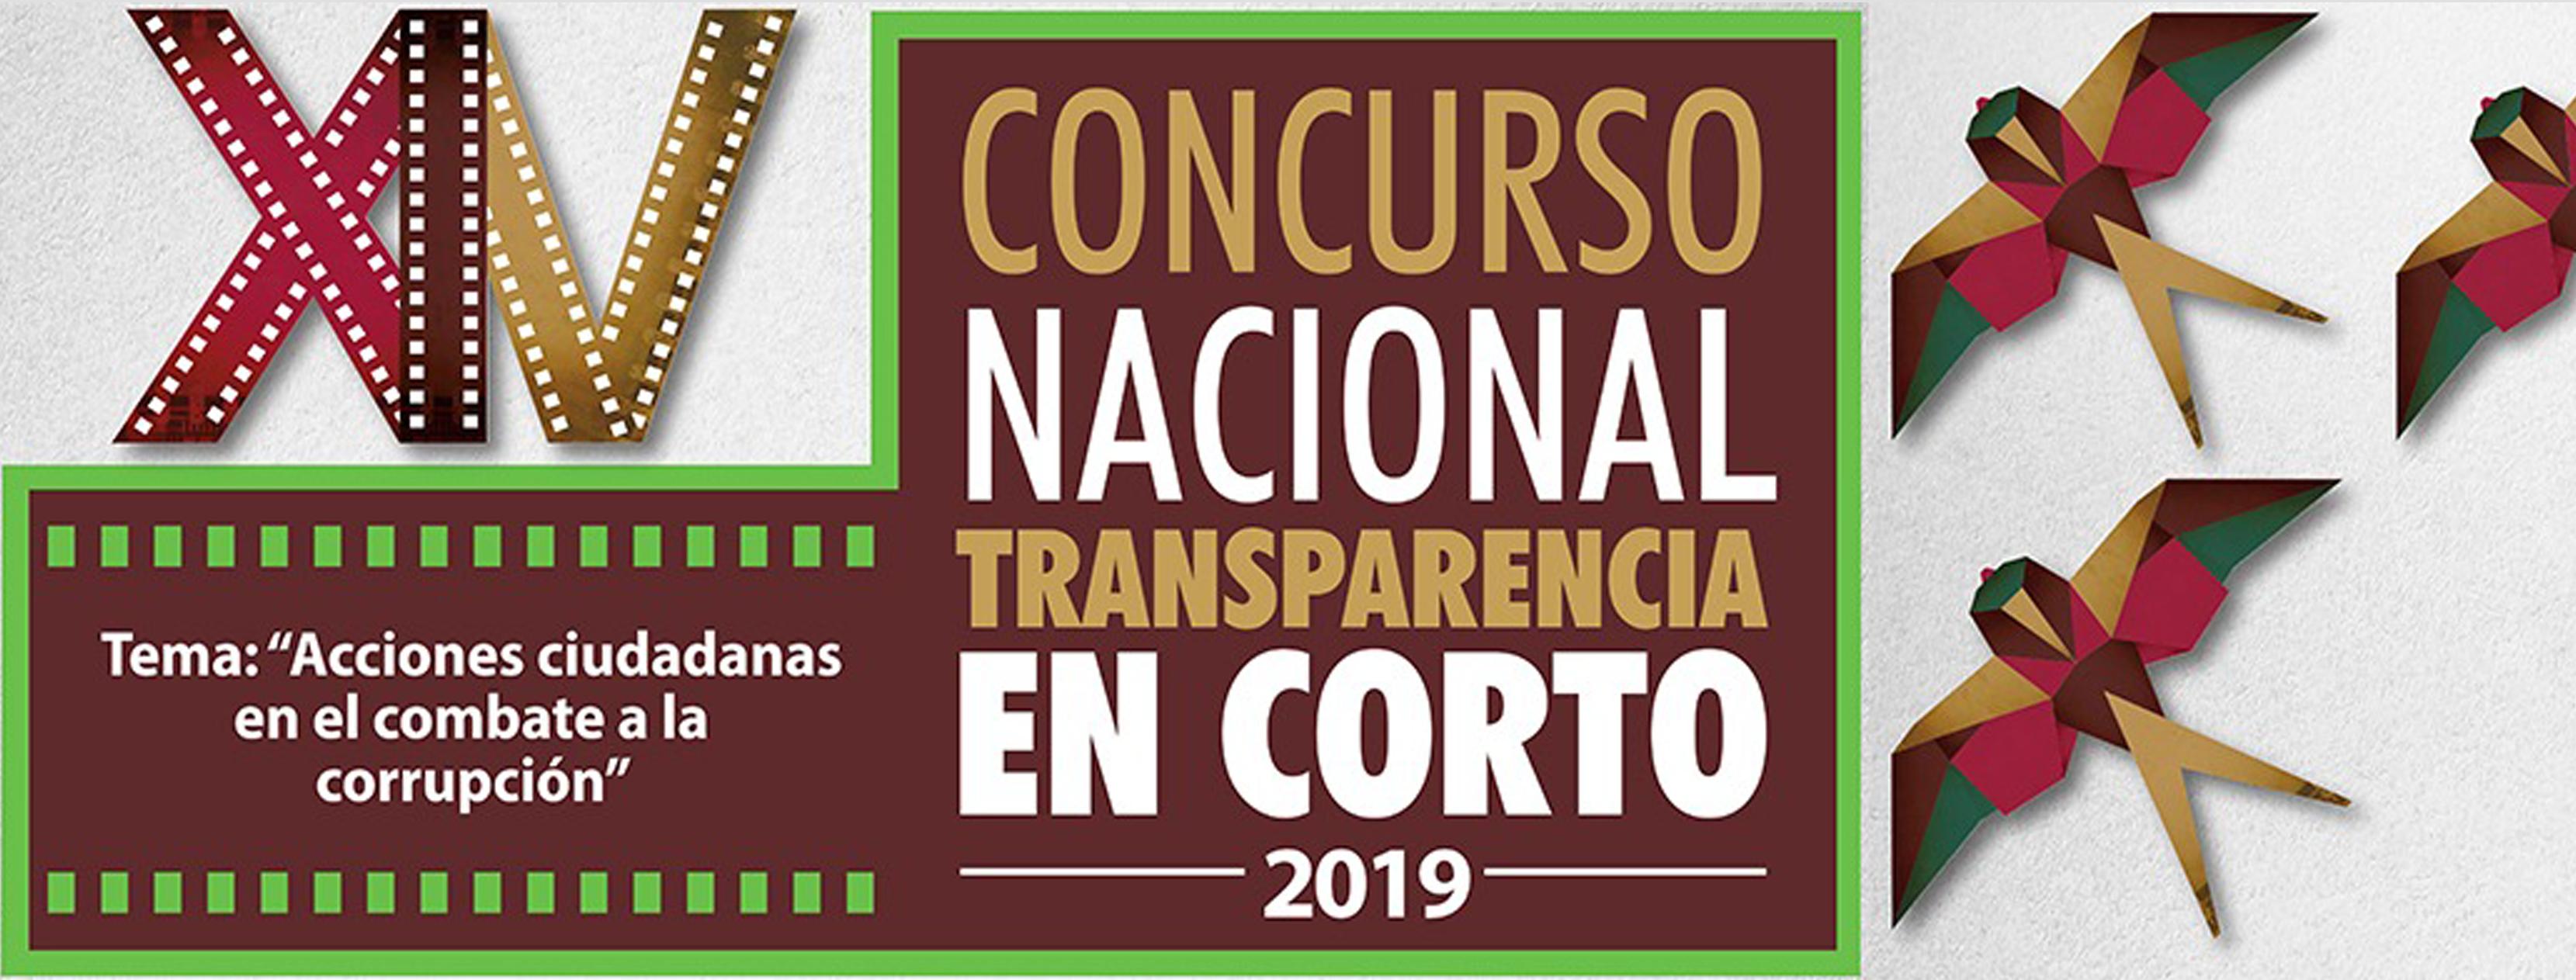 Convocatoria Corto 2019